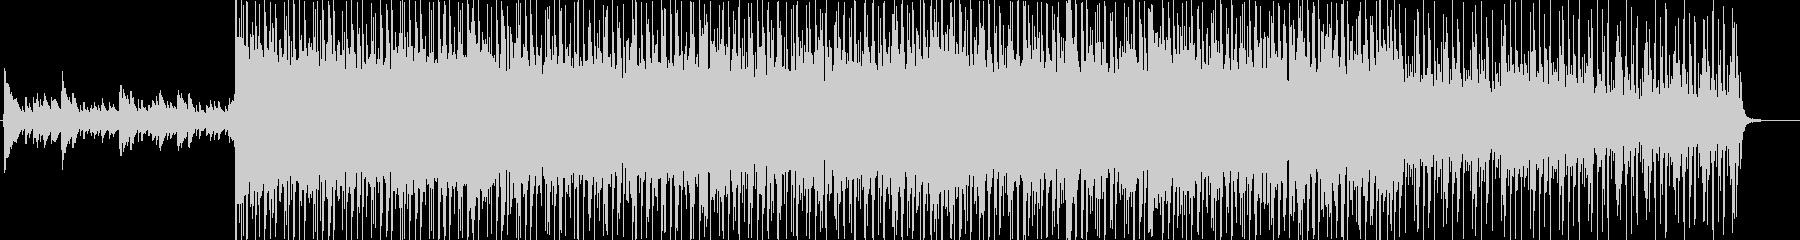 物語のエンディング向けピアノインストの未再生の波形